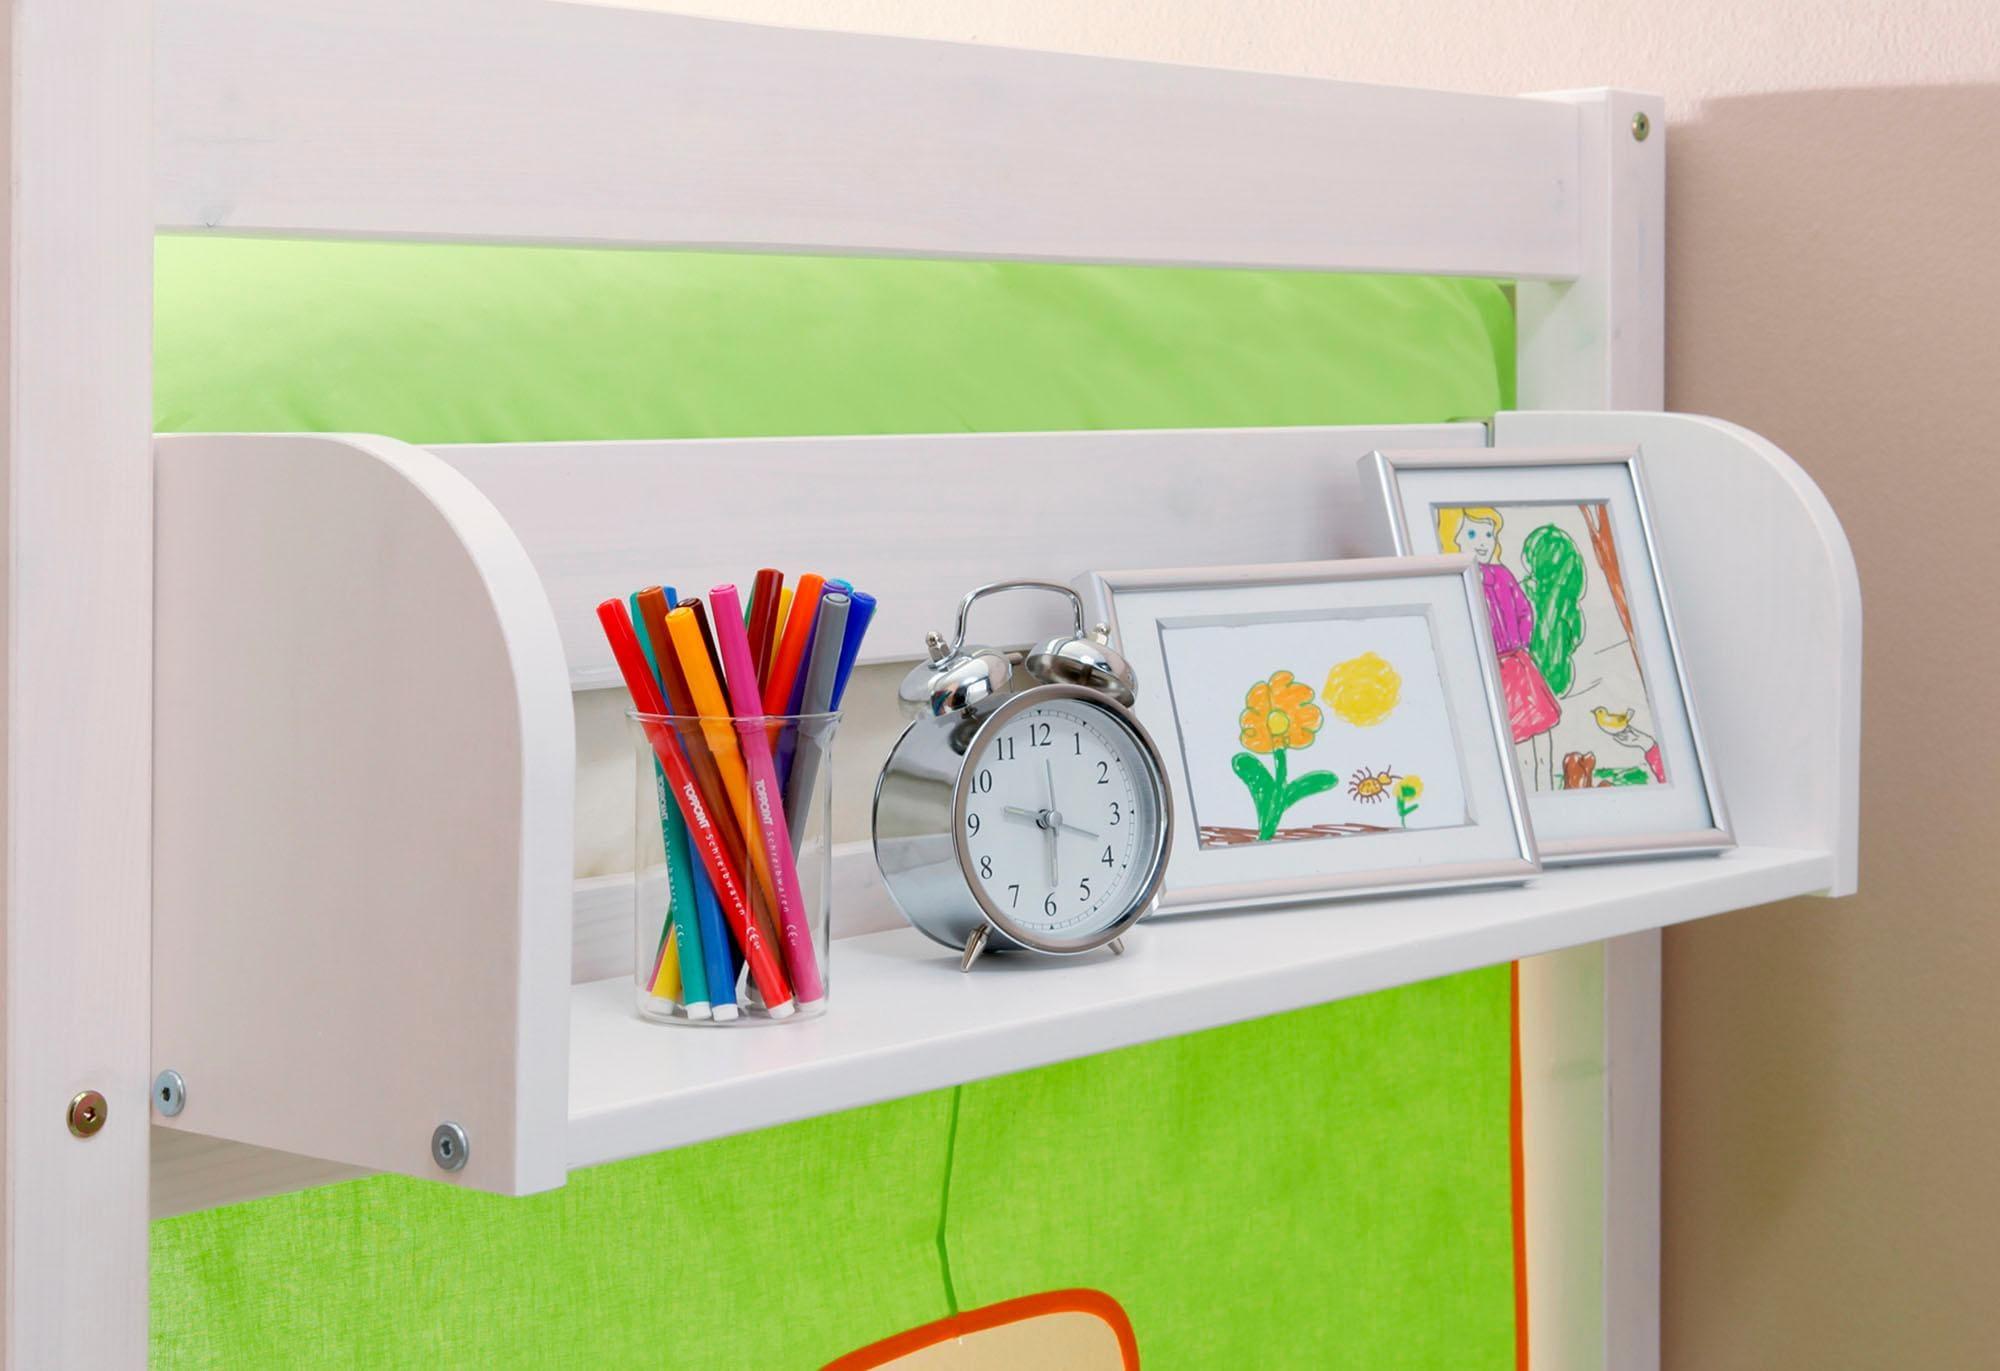 Ticaa Einhängeregal in verschiedenen Breiten Kiefer   Kinderzimmer > Kinderzimmerregale   Weiß   Metall - Kiefer   Ticaa